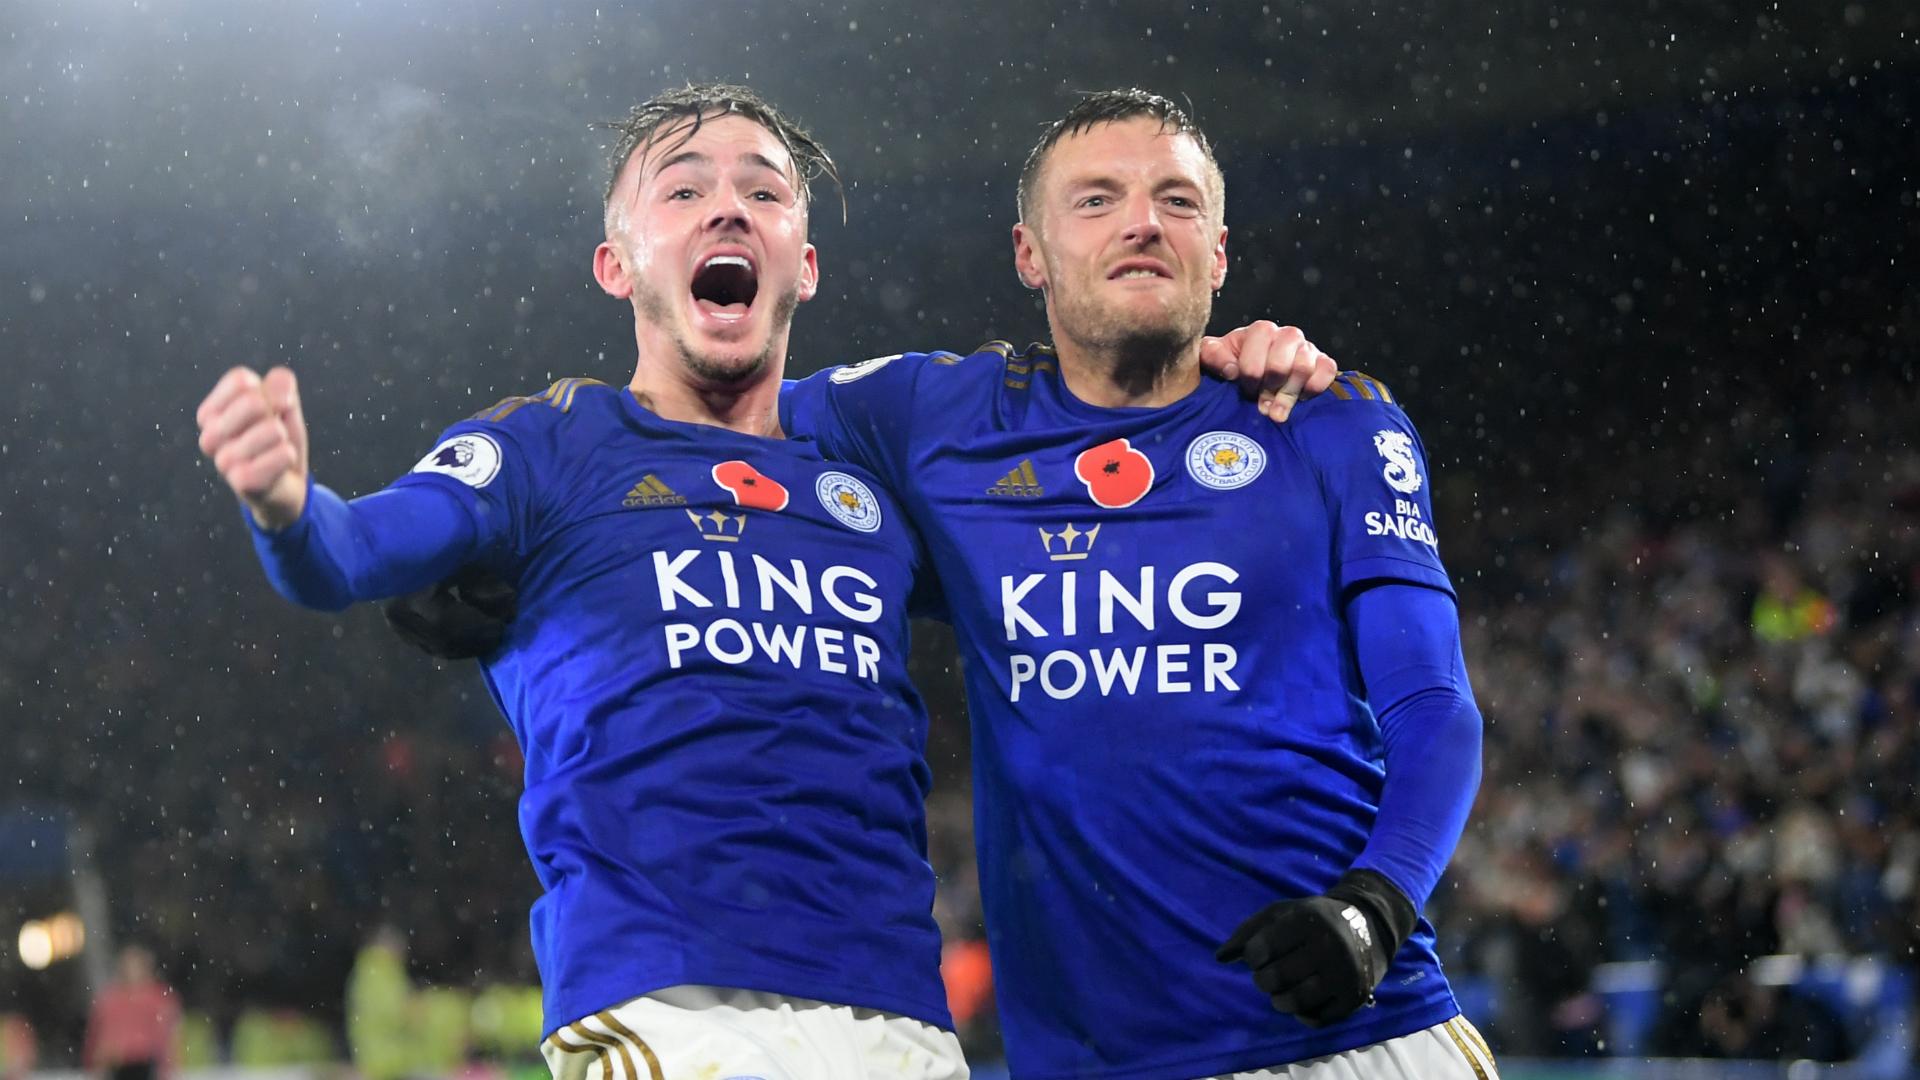 Big Match Focus: Leicester City v Everton